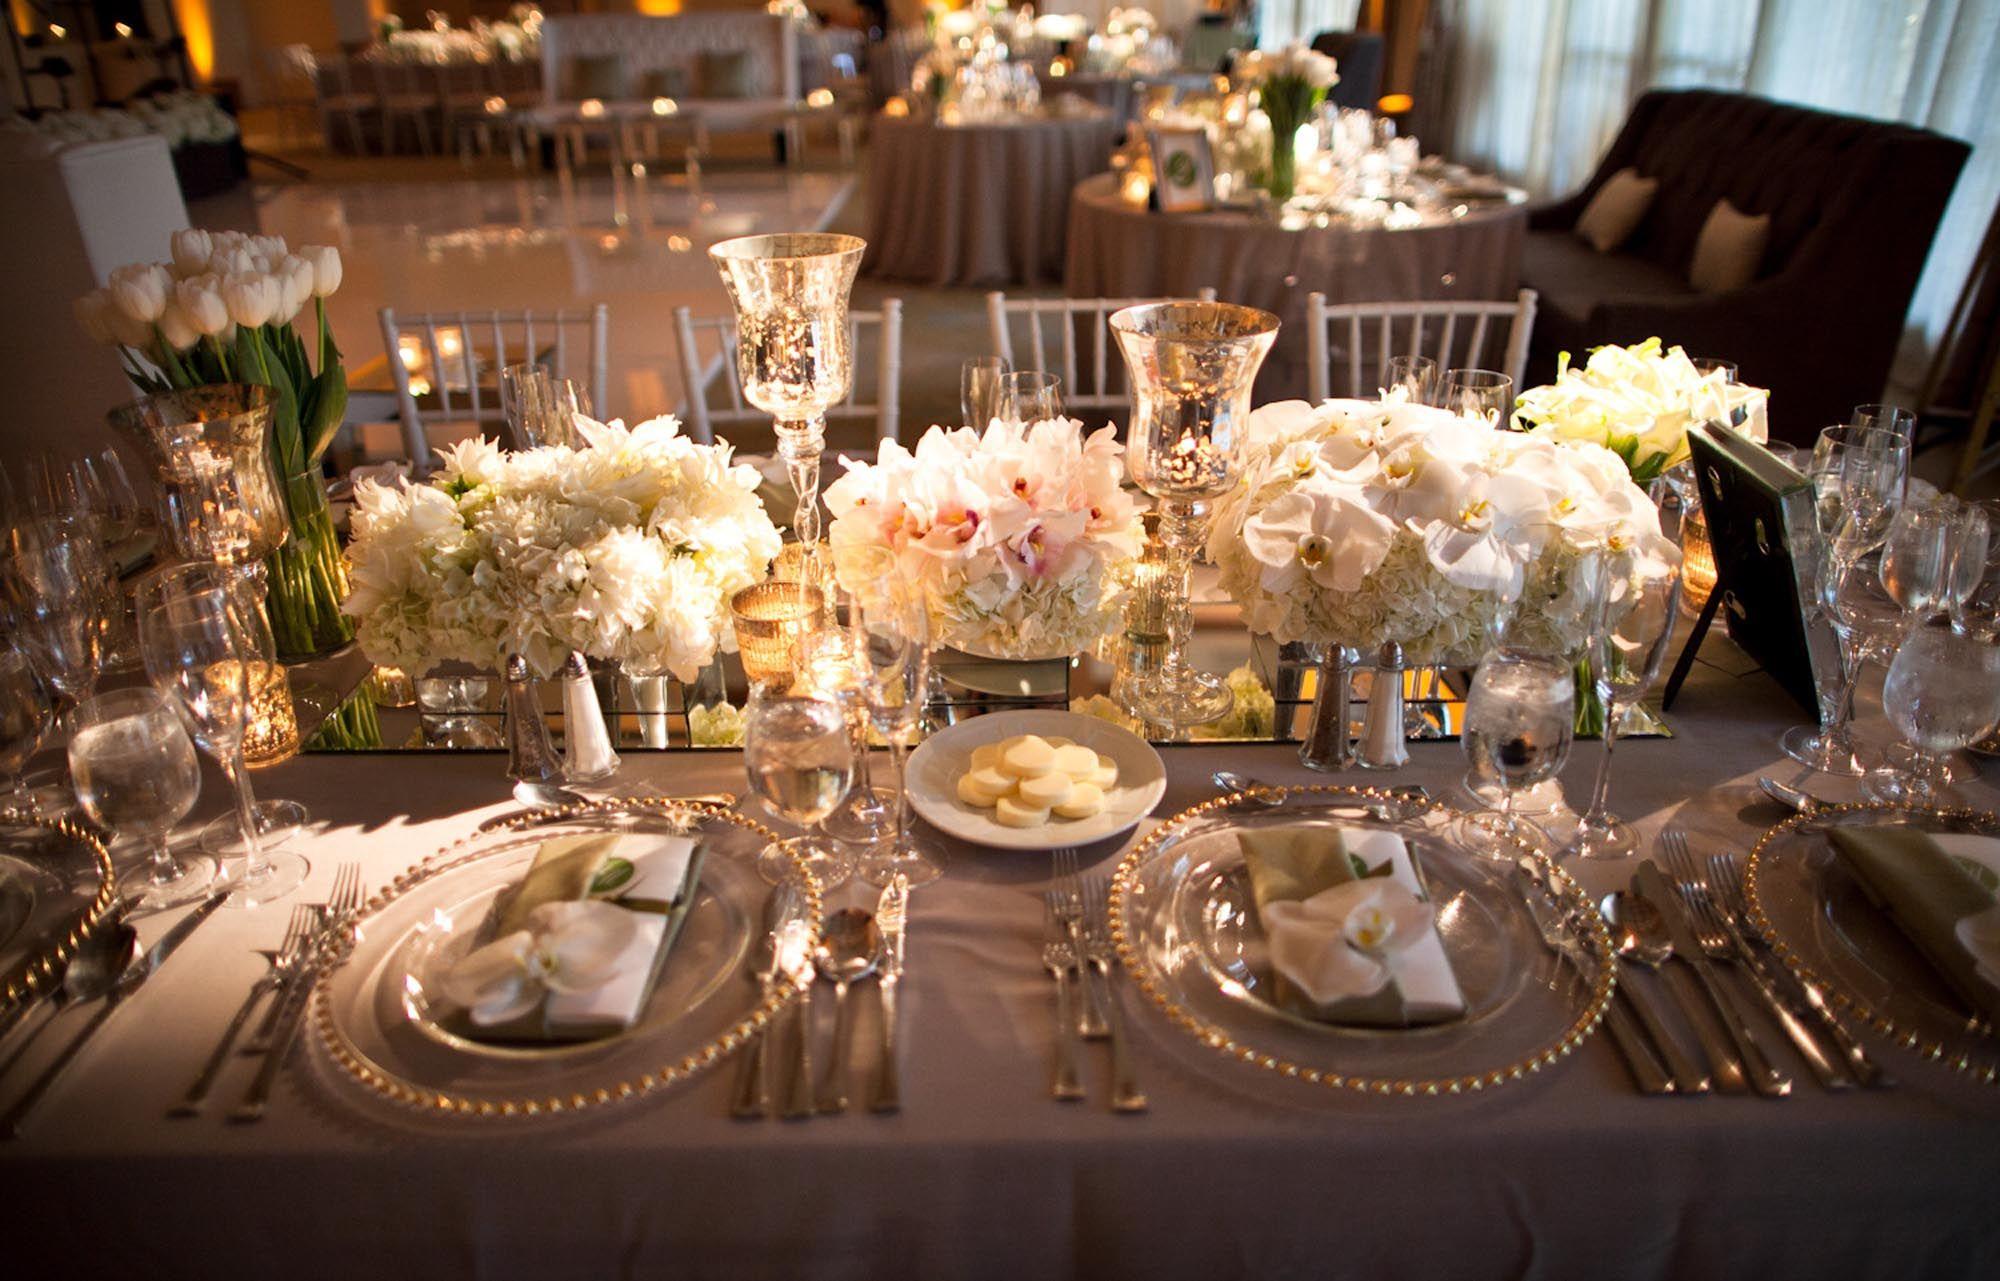 TerraneaResort Wedding Decor & Centerpieces Pinterest